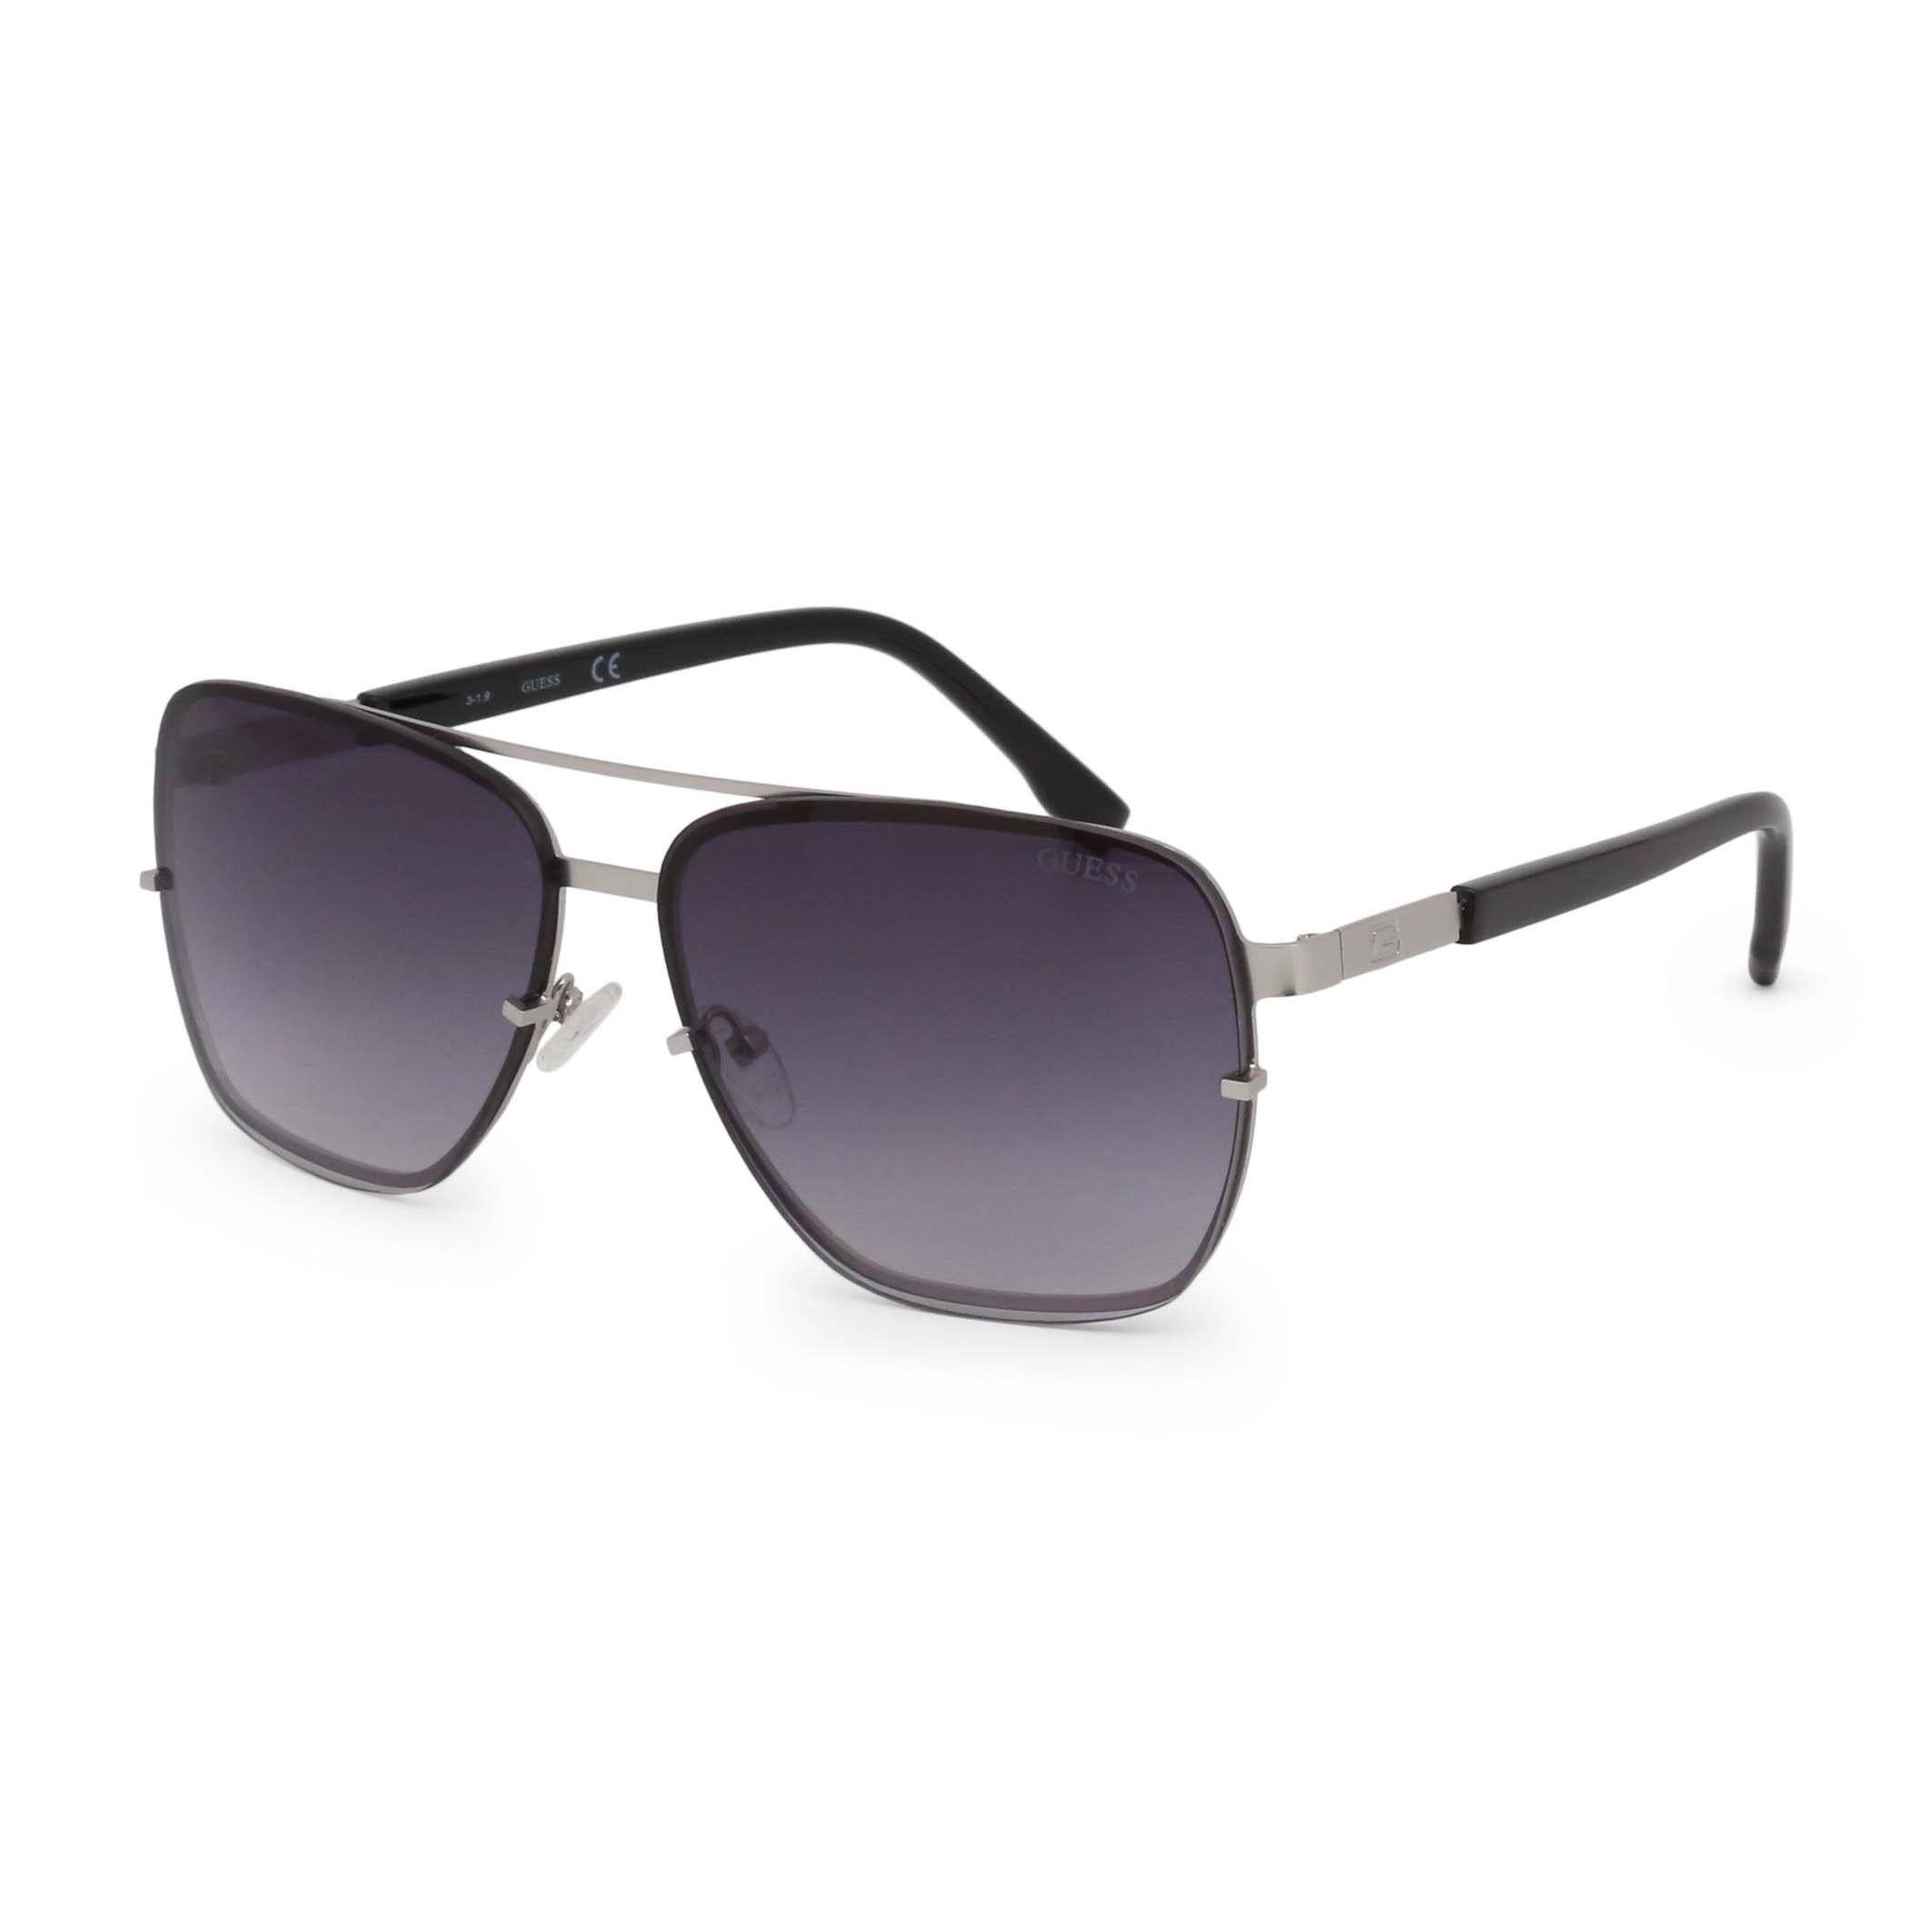 Occhiali-da-sole-Guess-GF5038-Uomo-Grigio-104904